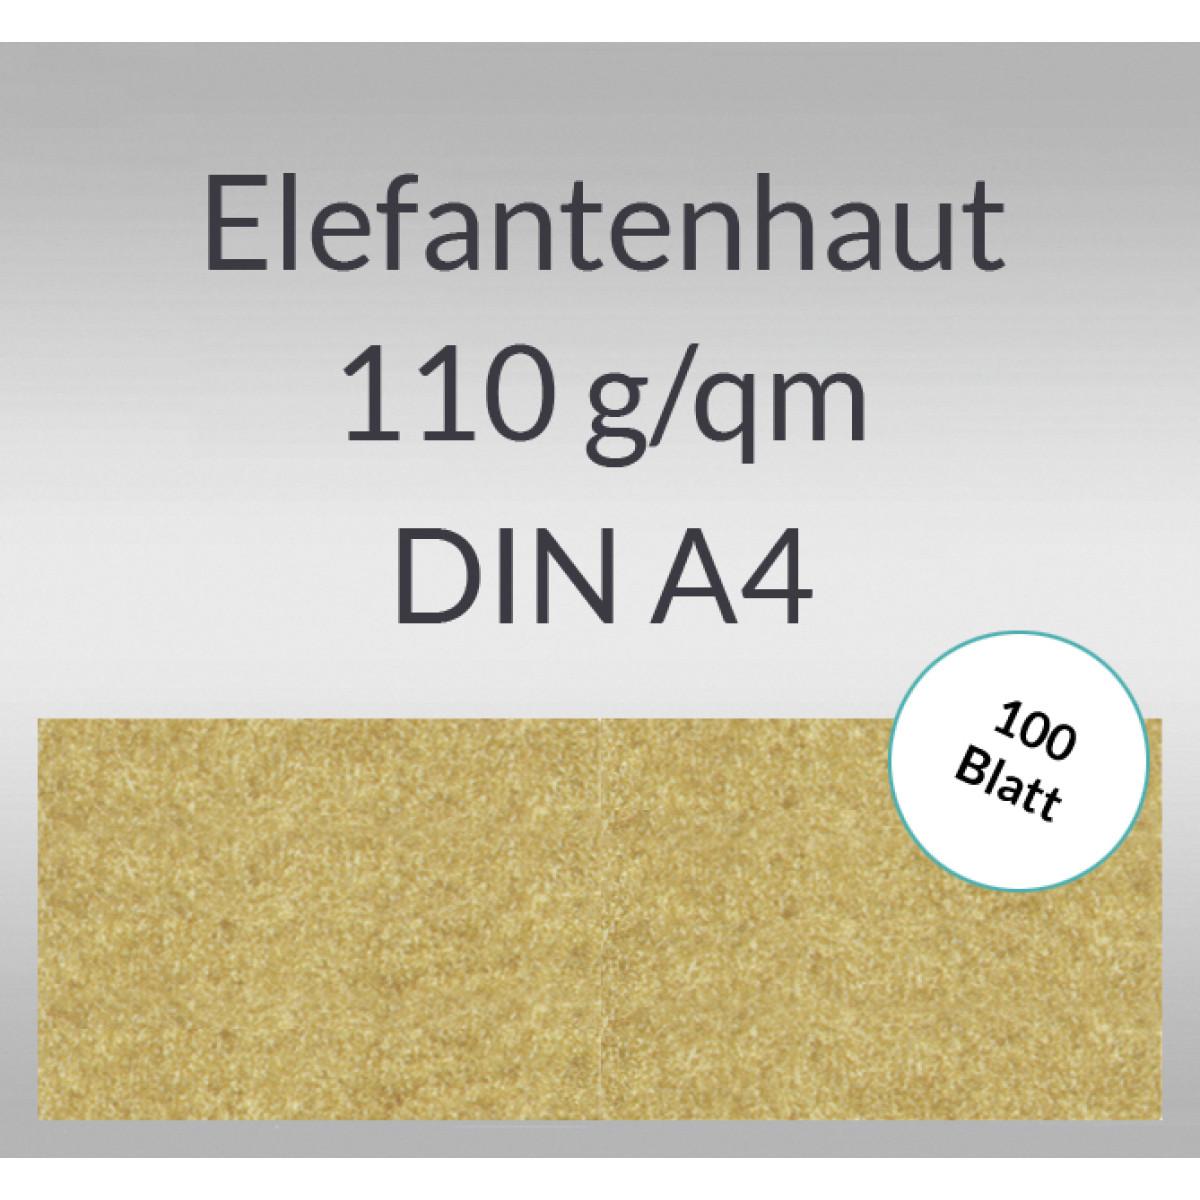 Elefantenhaut 110 g/qm DIN A4 chamois - 100 Blatt